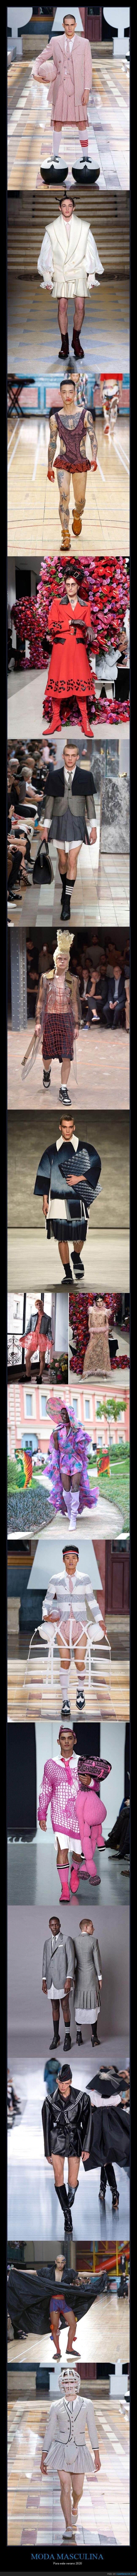 moda,ropa,wtf